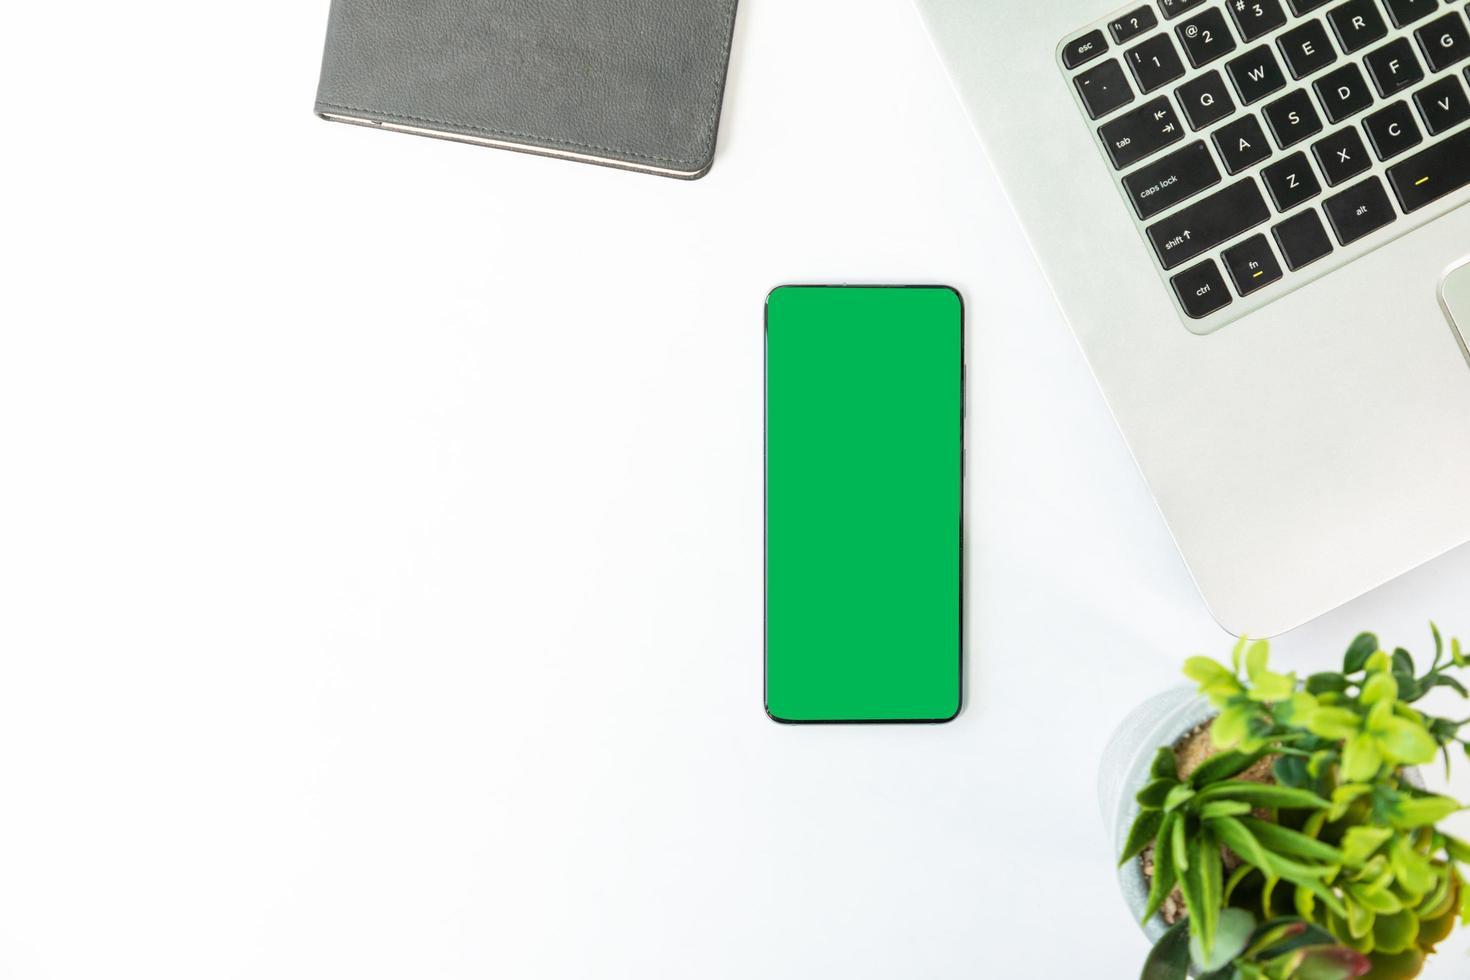 Smartphone à écran vert sur un bureau avec ordinateur portable photo